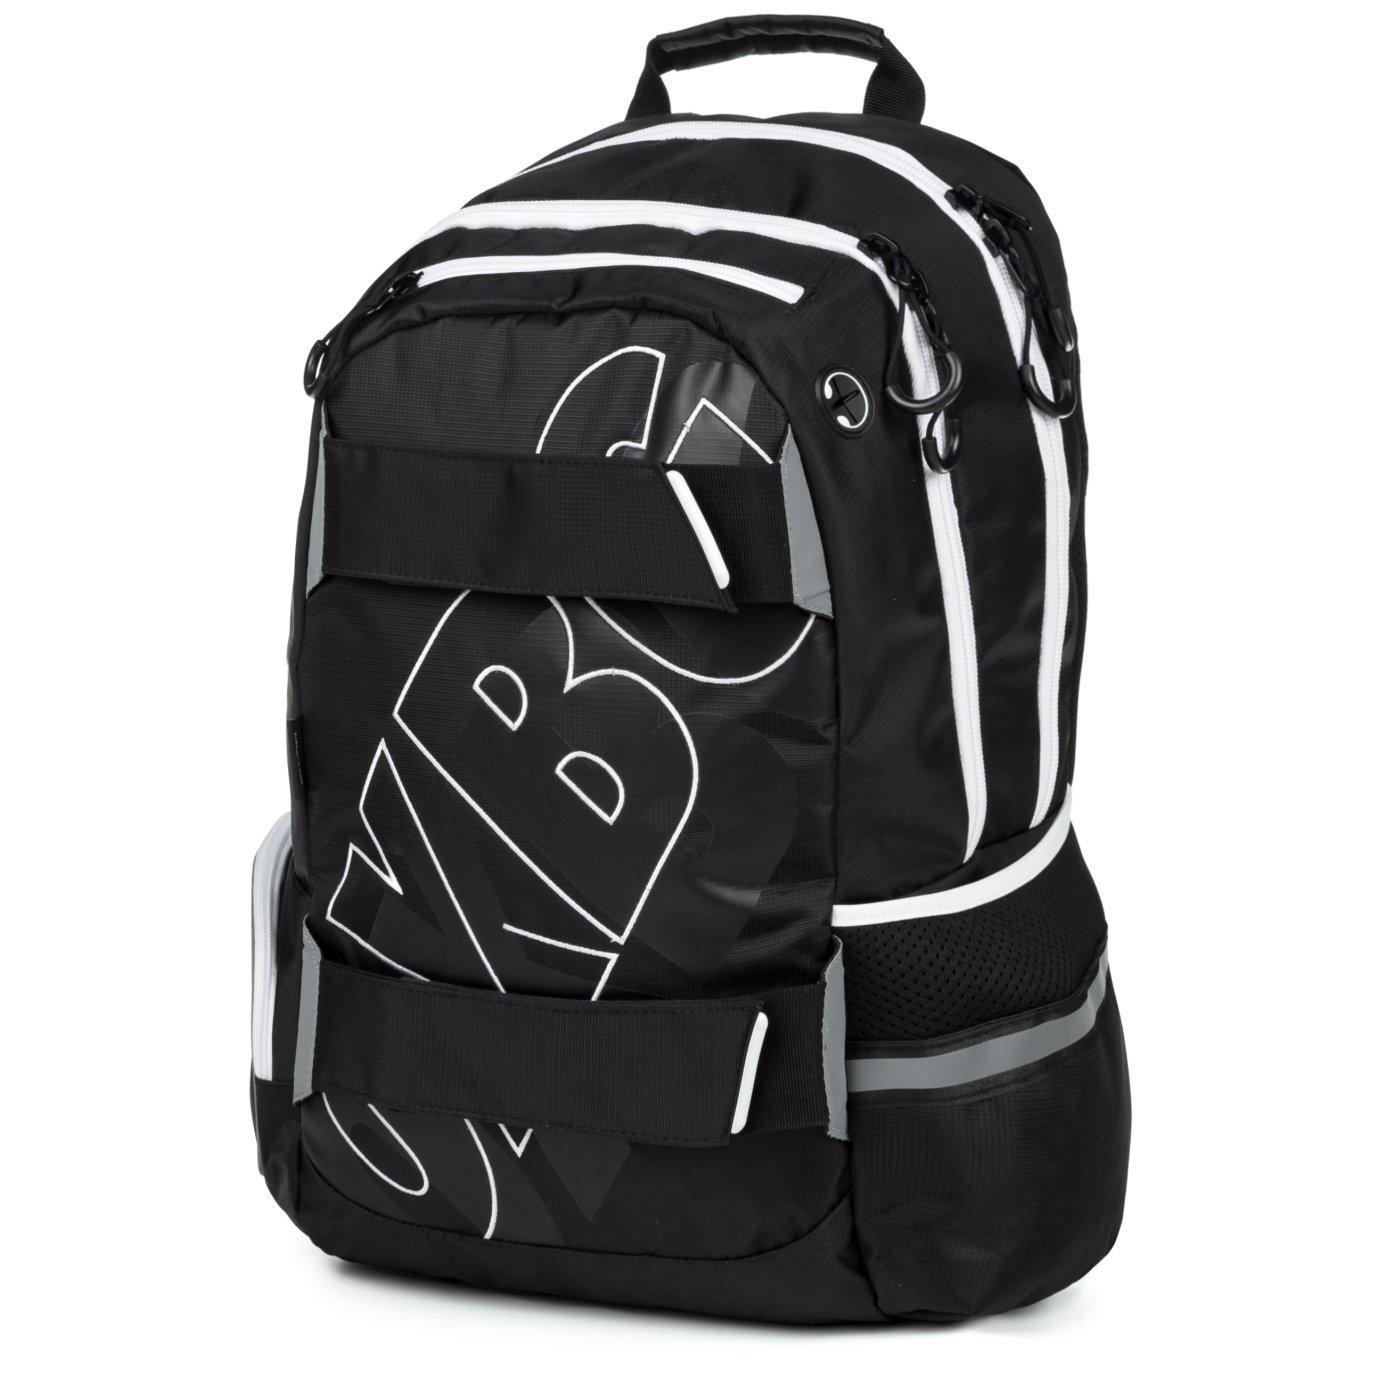 ... Školní potřeby · OXY STUDENTSKÉ BATOHY A DOPLŇKY · OXY SPORT ·  Studentský batoh OXY Sport BLACK LINE white Bez licence · Image 86234660aa